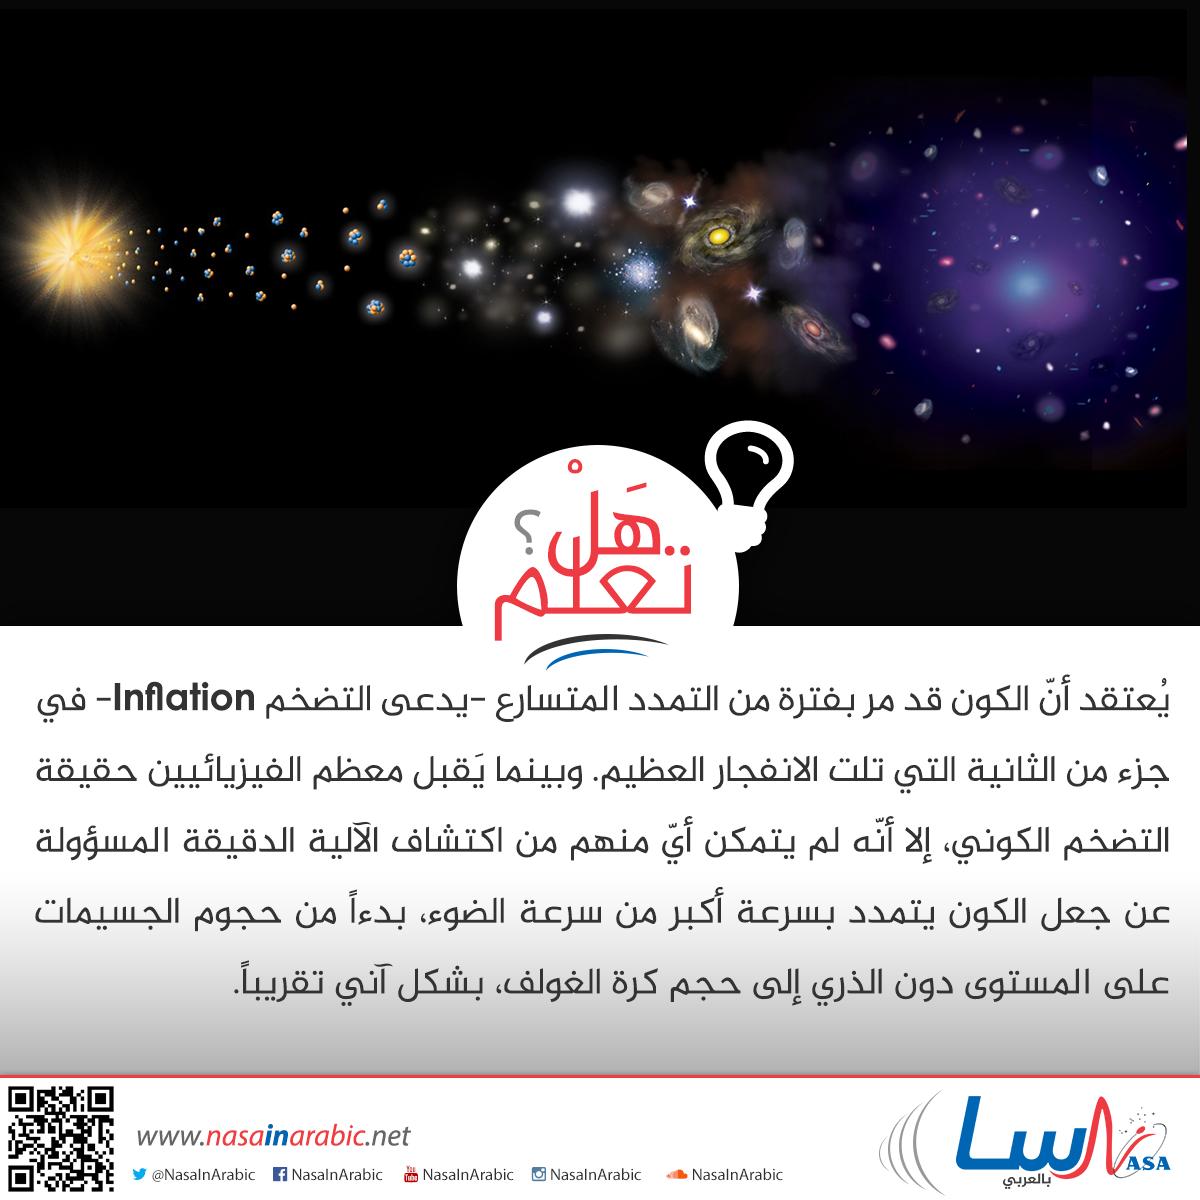 التضخم الكوني